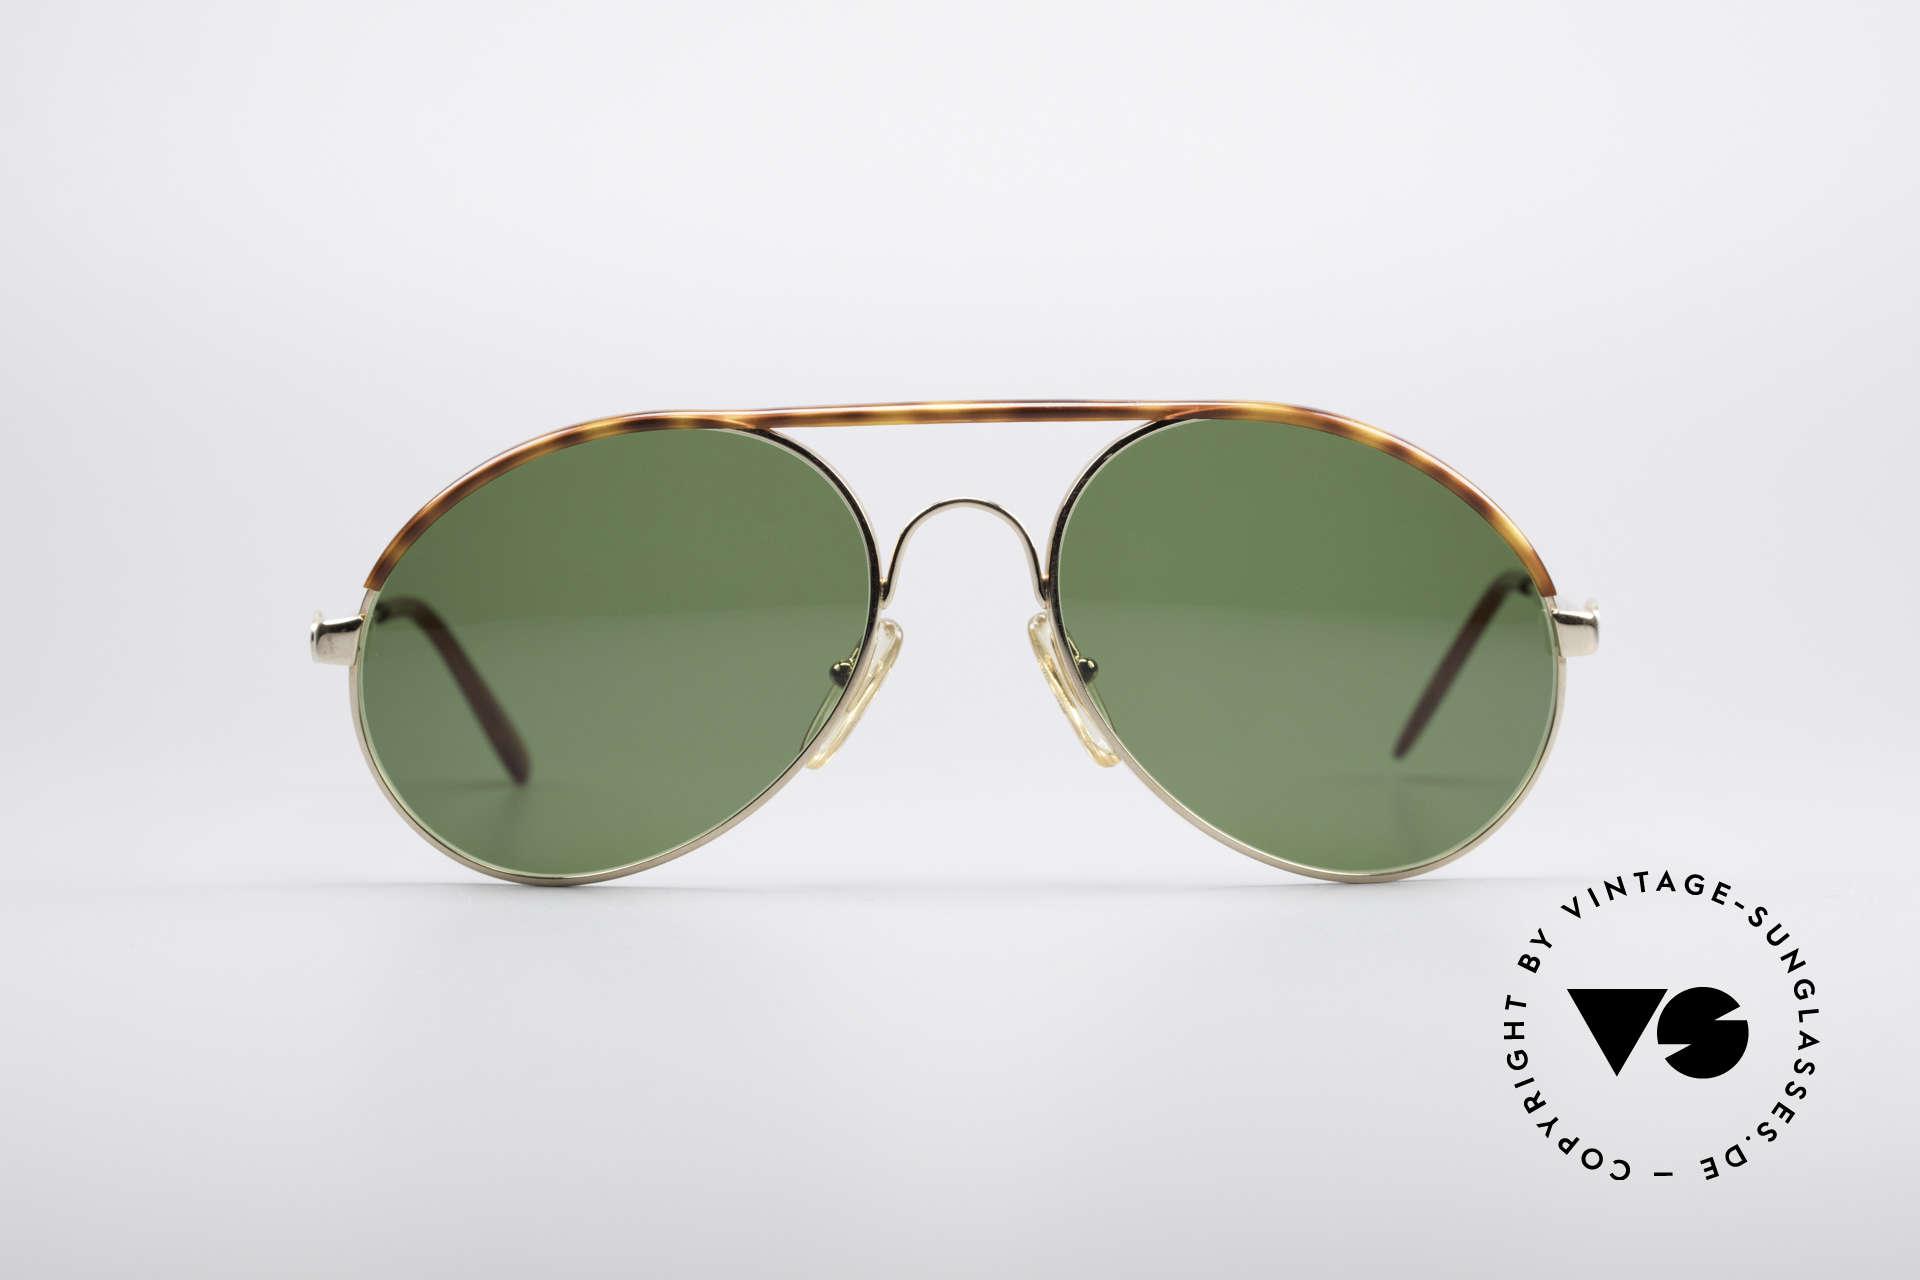 Bugatti 65986 80er Herren Sonnenbrille, in typischer / legendärer Bugatti-Tropfenform, Passend für Herren